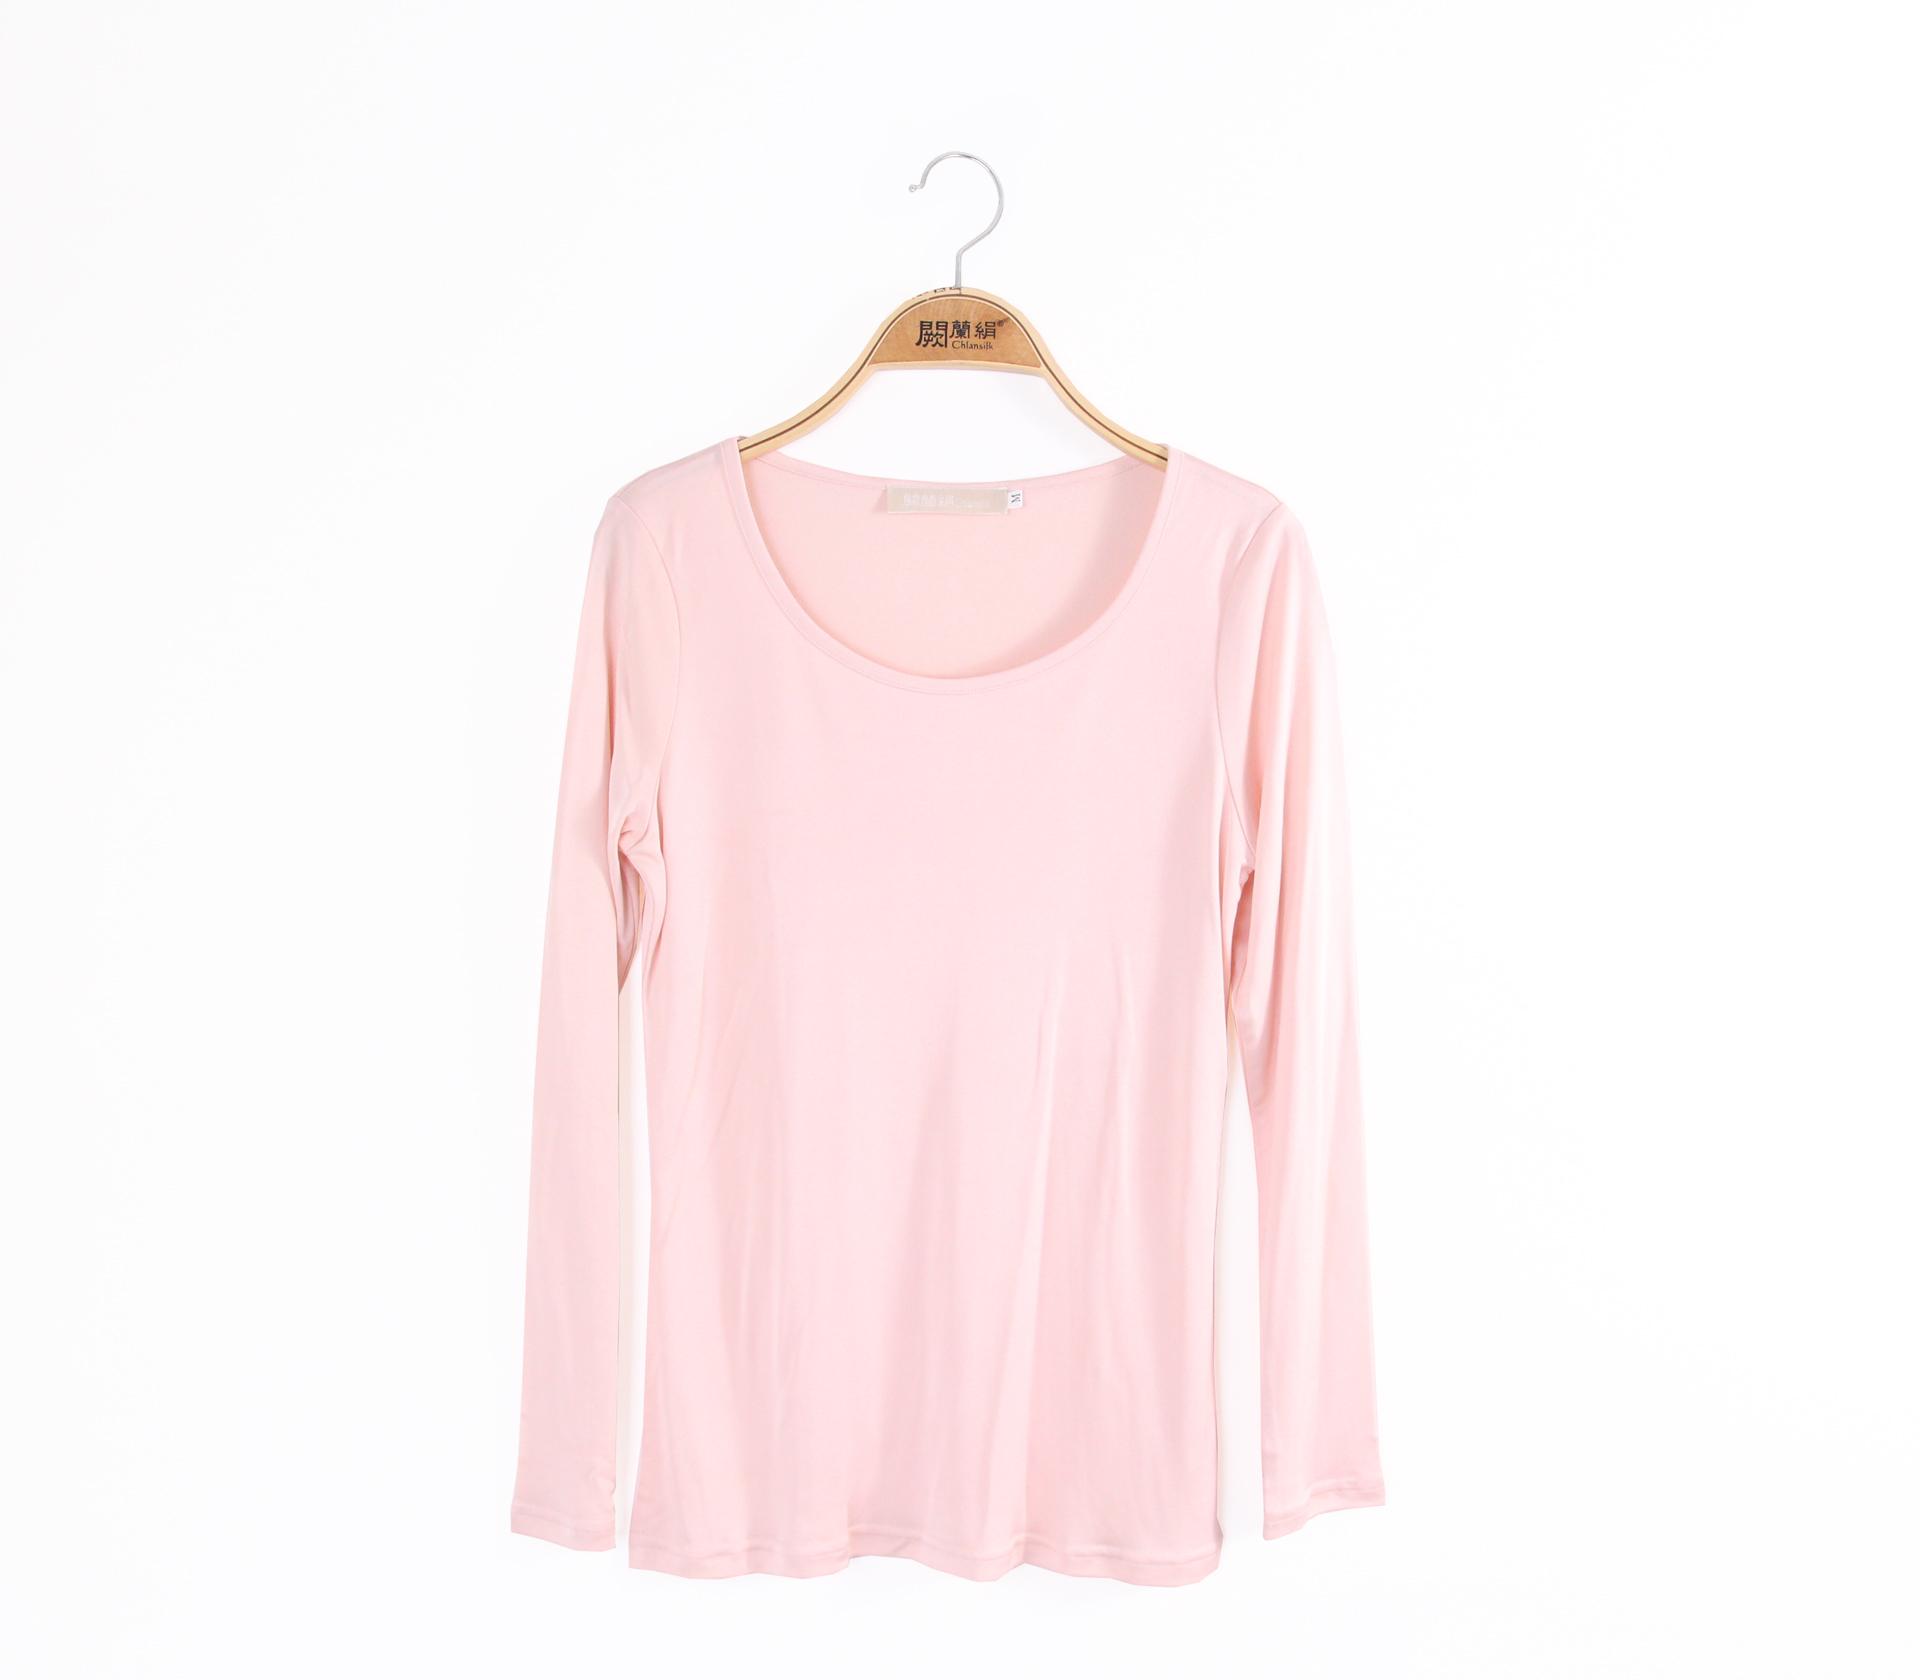 闕蘭絹親膚舒適100%蠶絲衛生衣-9919